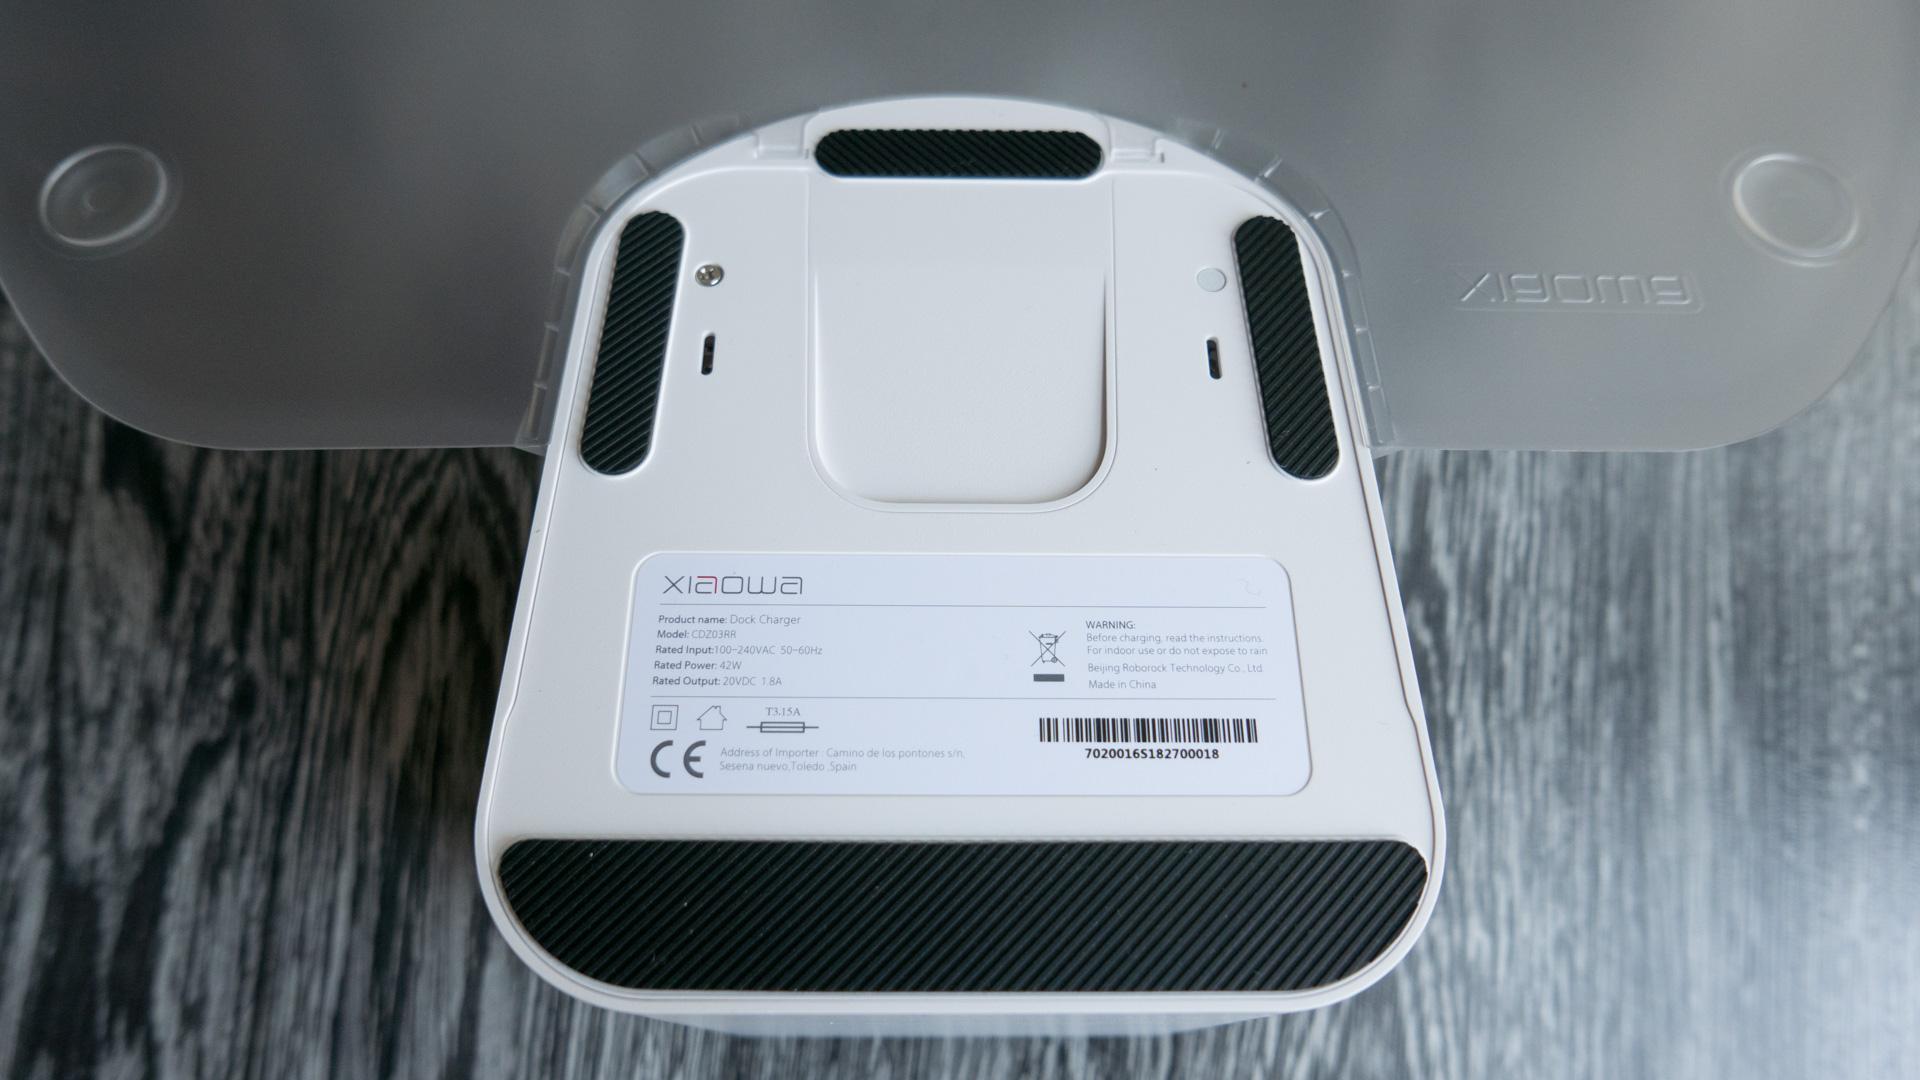 Xiaomi roborock Xiaowa Ladestation 09